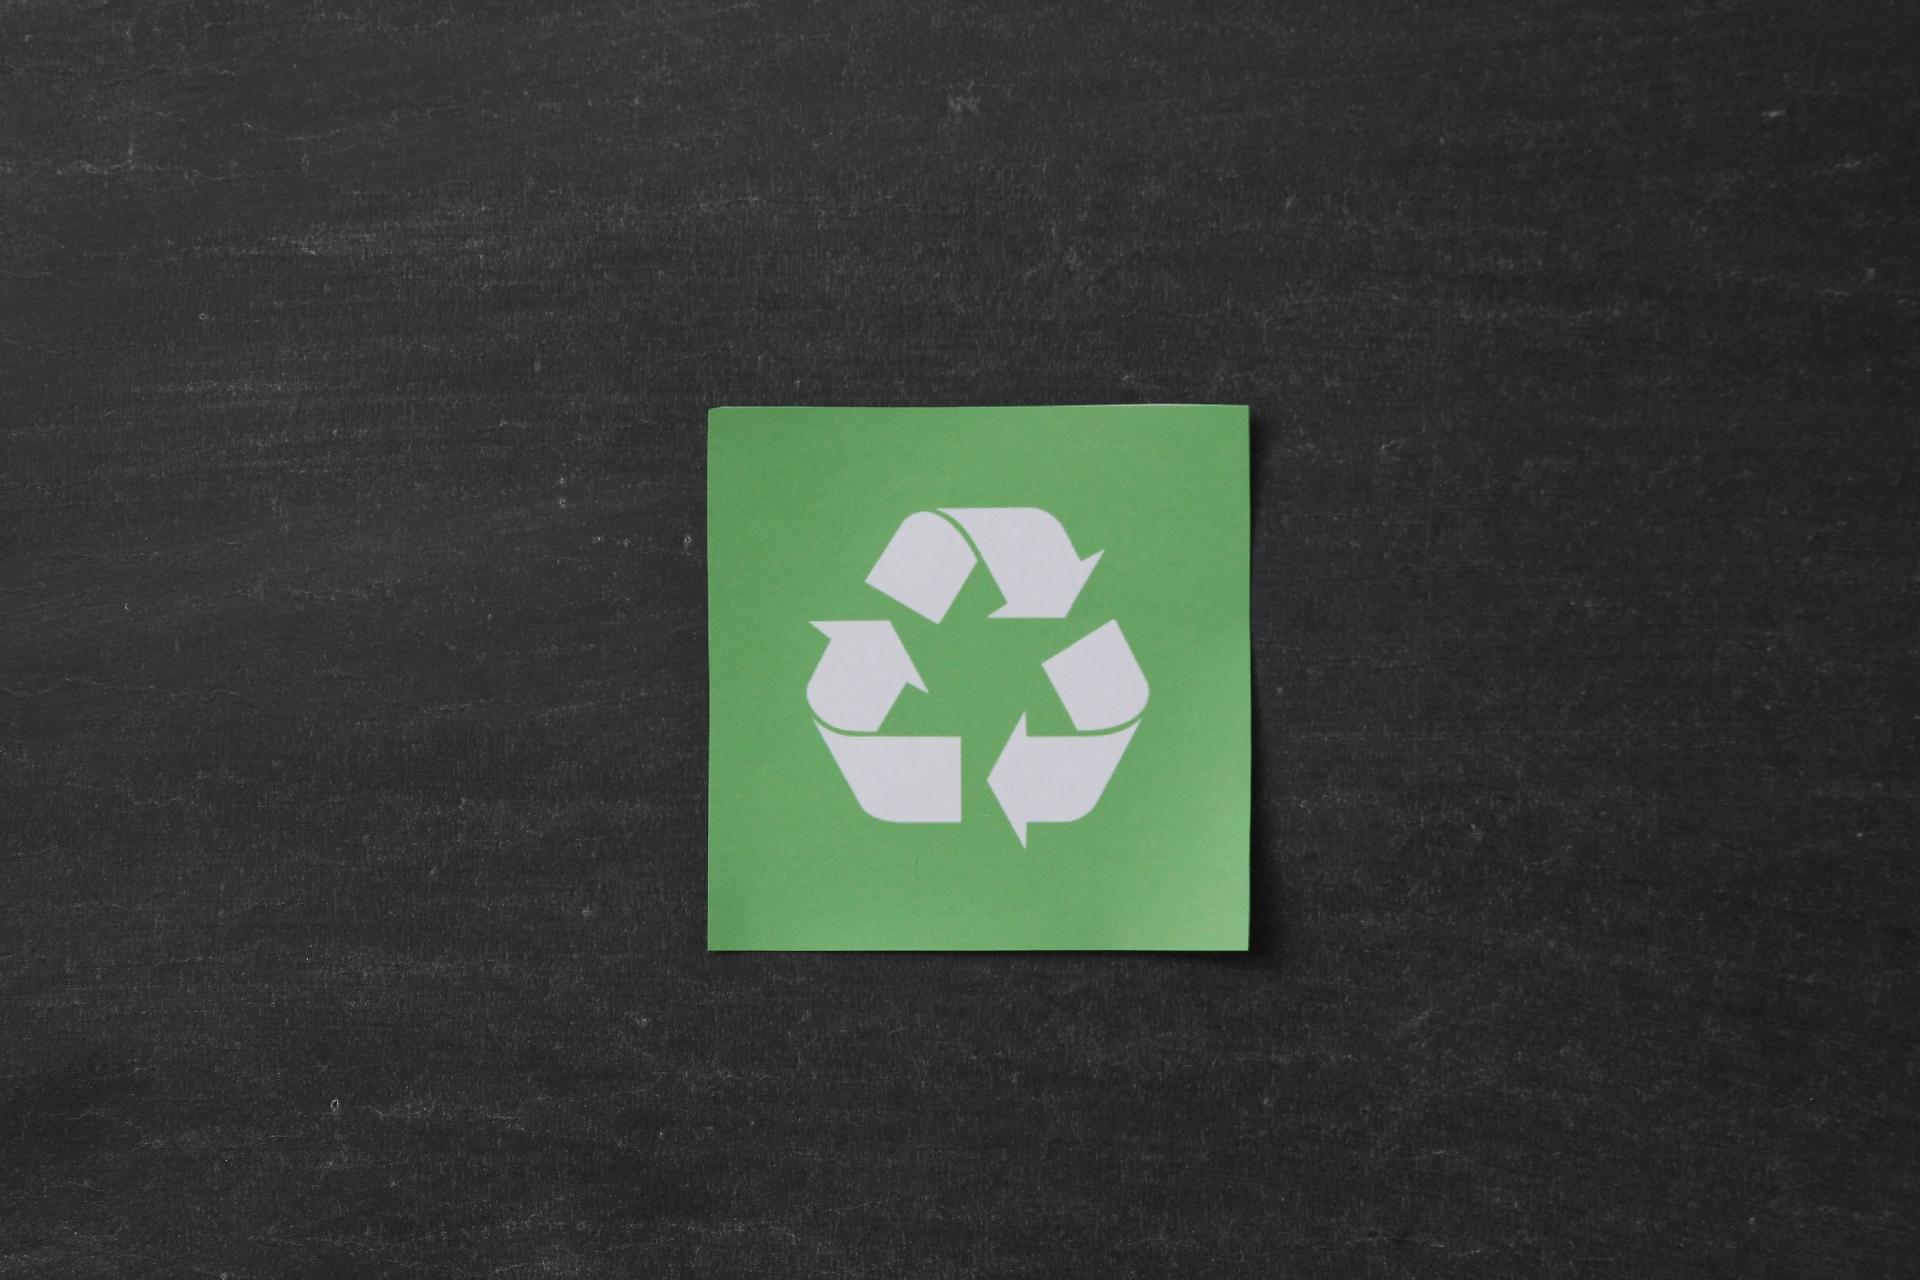 楽天オークションが「せどり」の促進へ、リサイクルショップのブランドオフと業務提携も